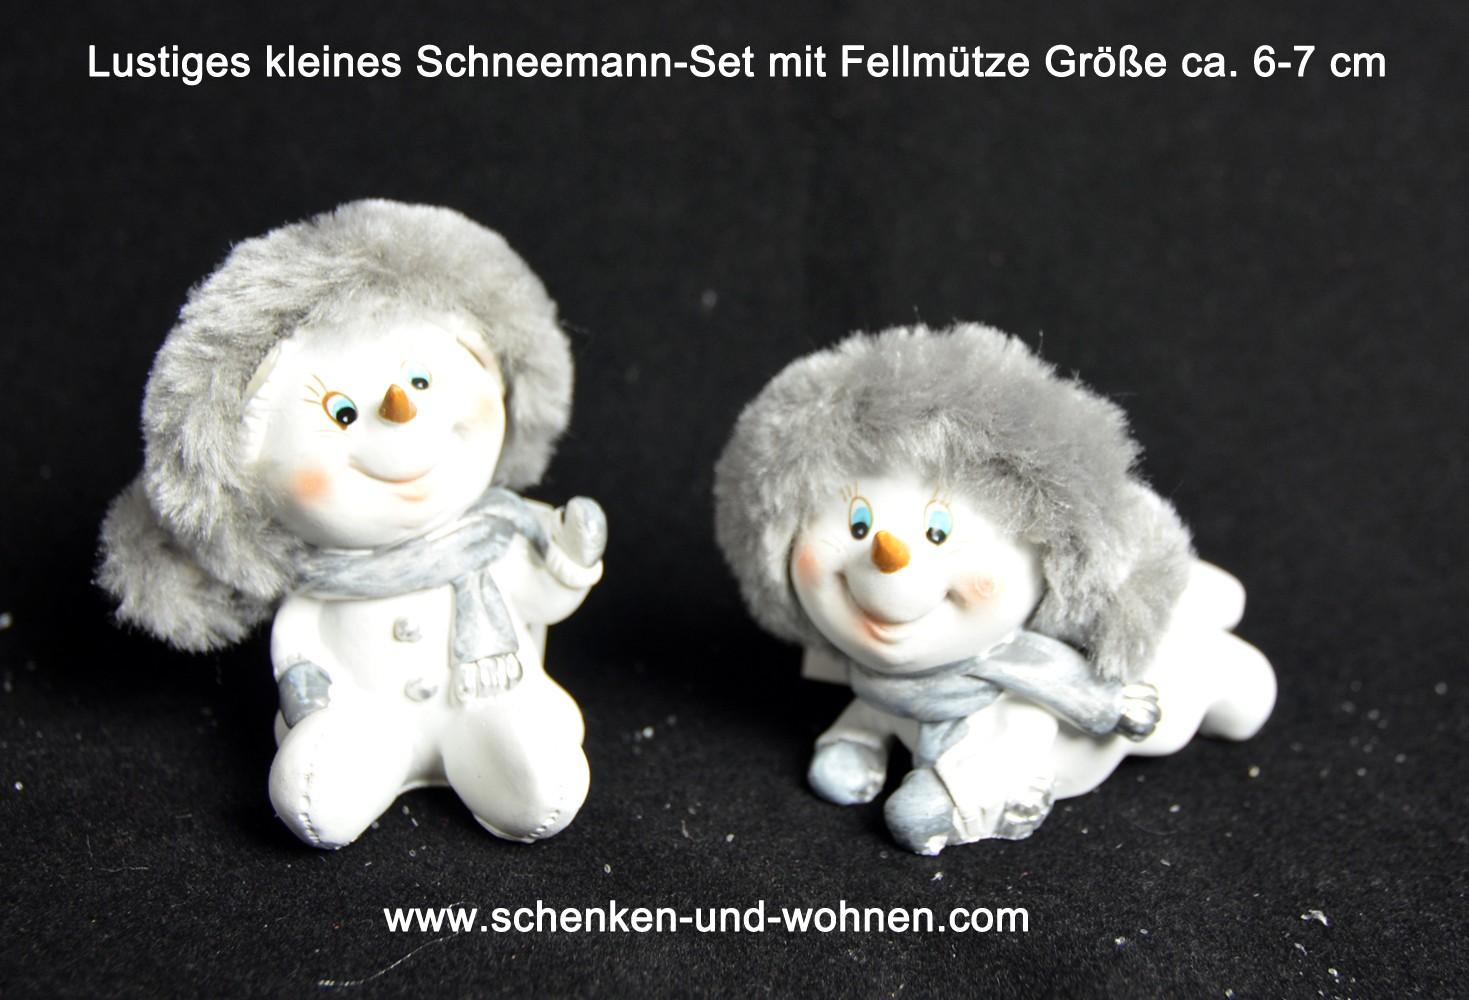 Lustiges kleines Schneemann-Set ca. 6-7 cm